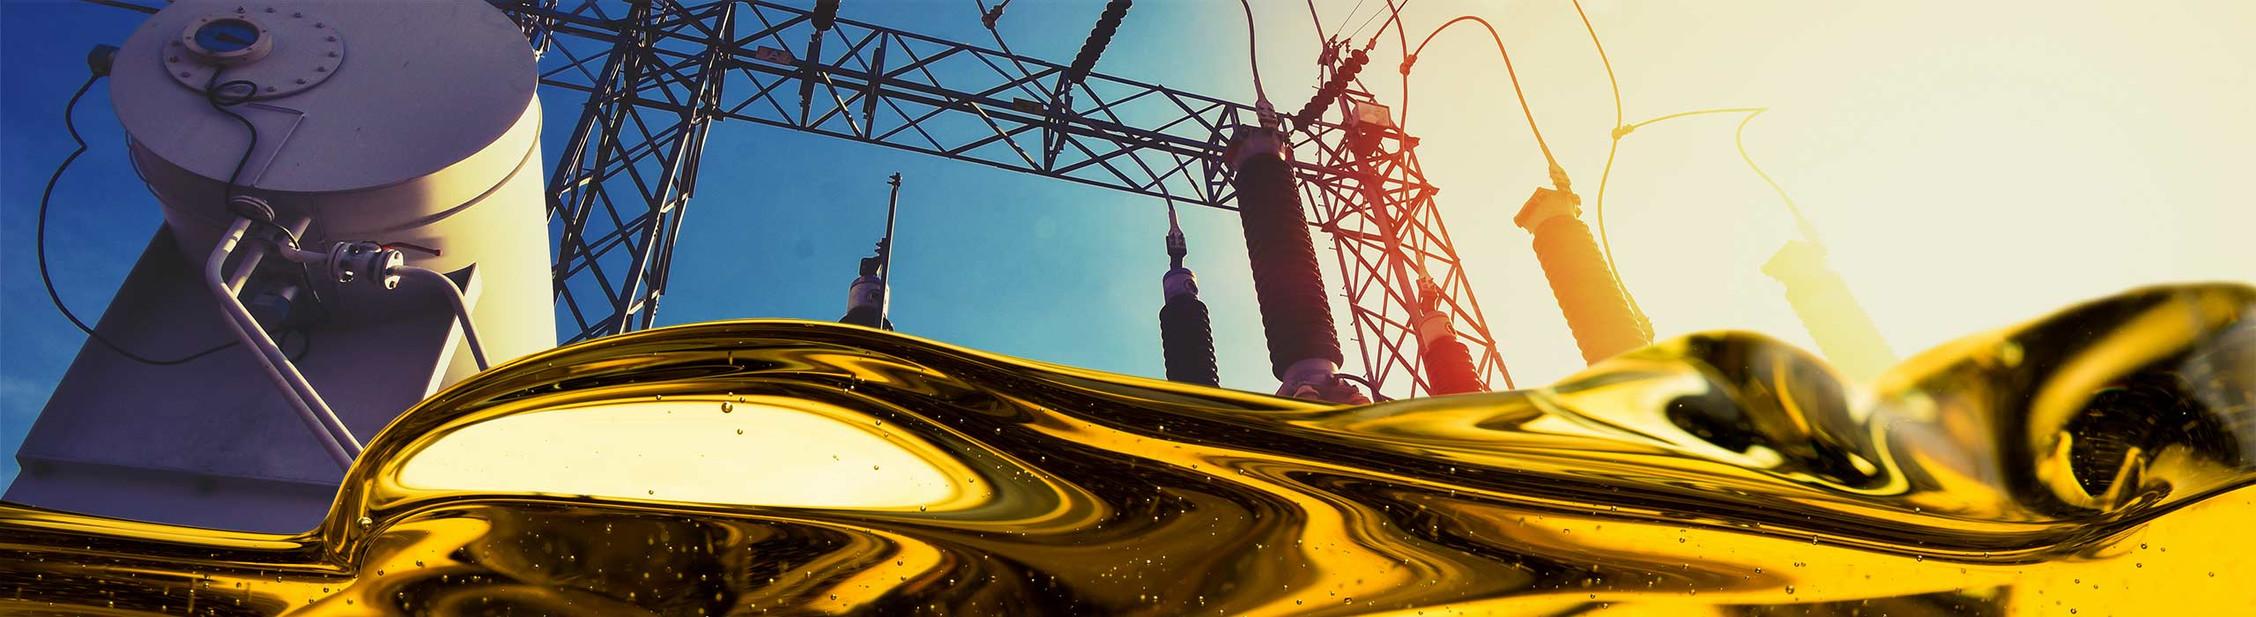 Anwendungen: Isolierölprüfung   BAUR GmbH